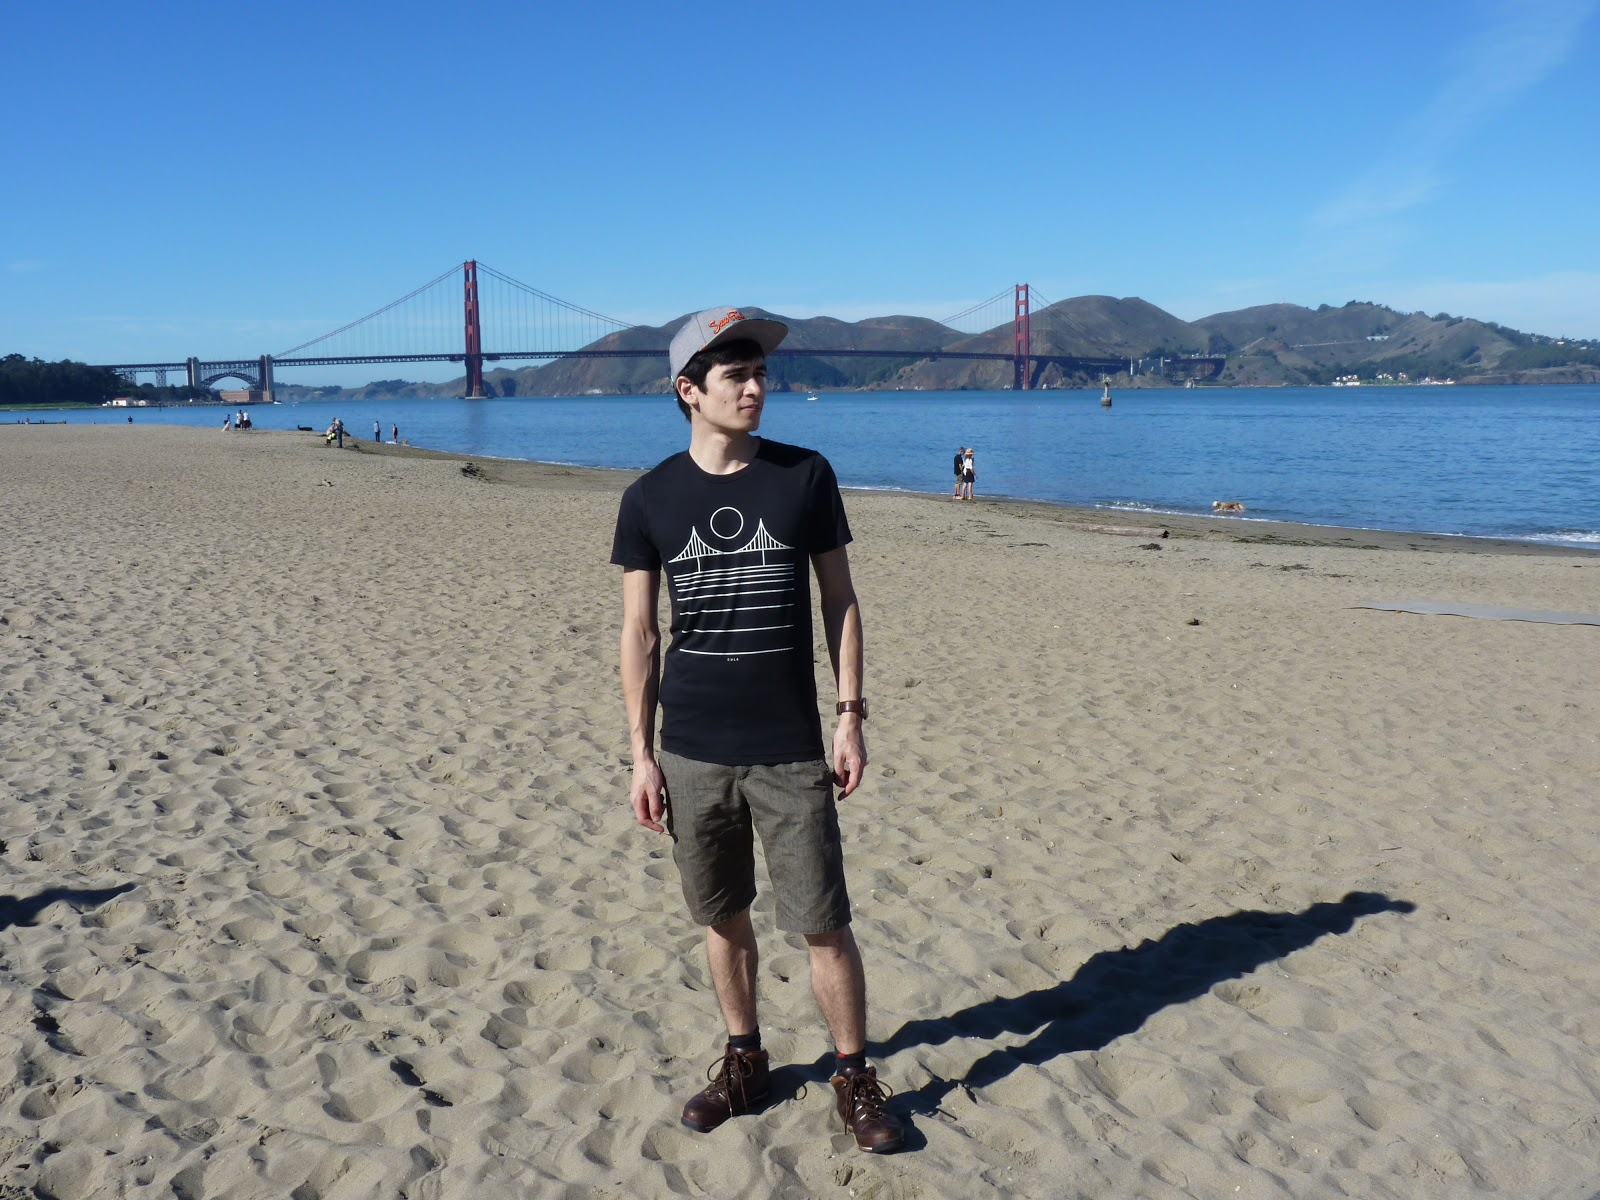 Devant le Golden Gate Bridge à San Francisco